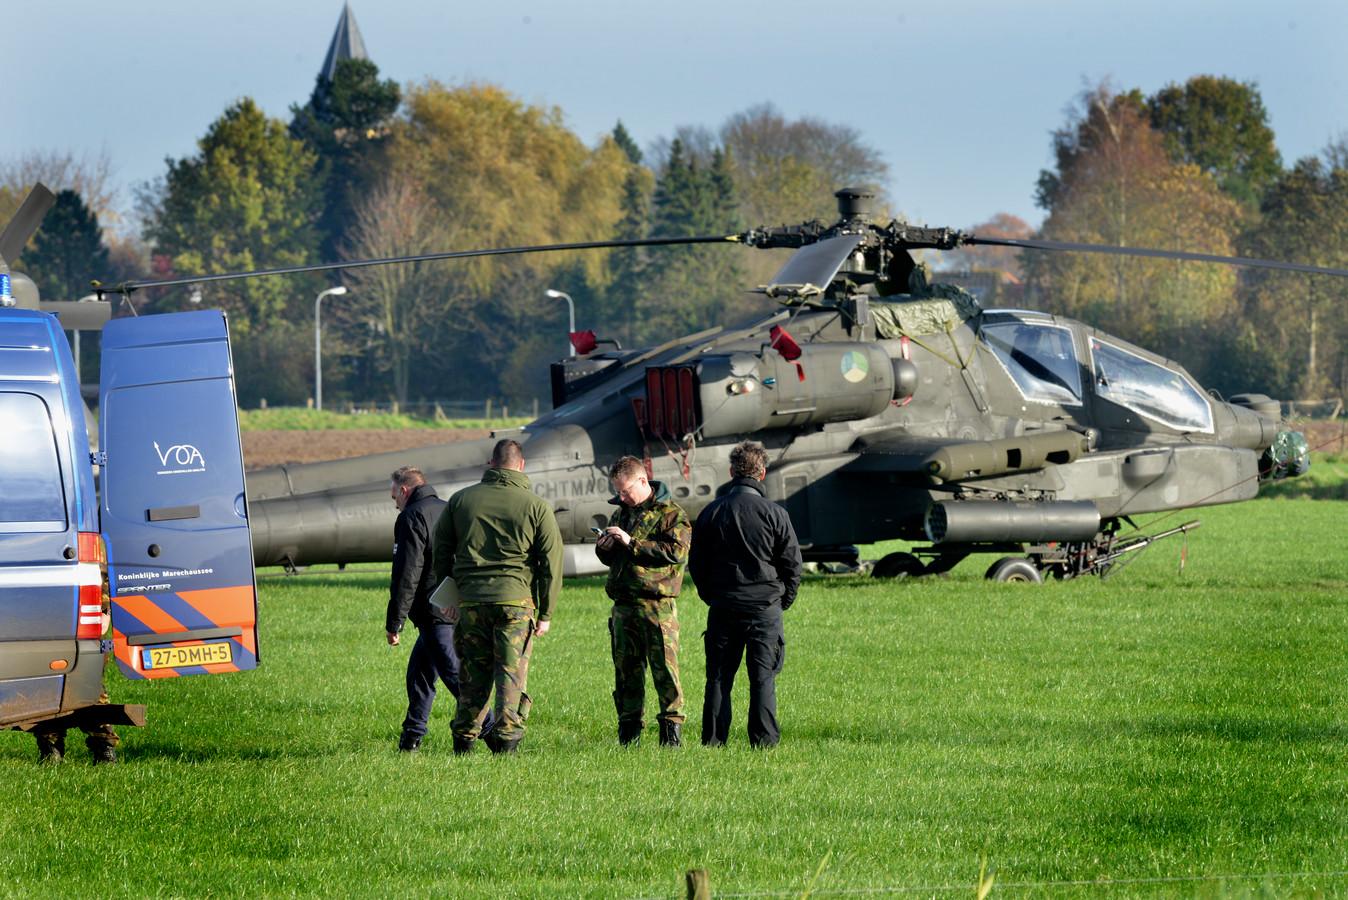 De oefening van Defensie dinsdag gaat door, maar niet boven het gebied van het ongeval.